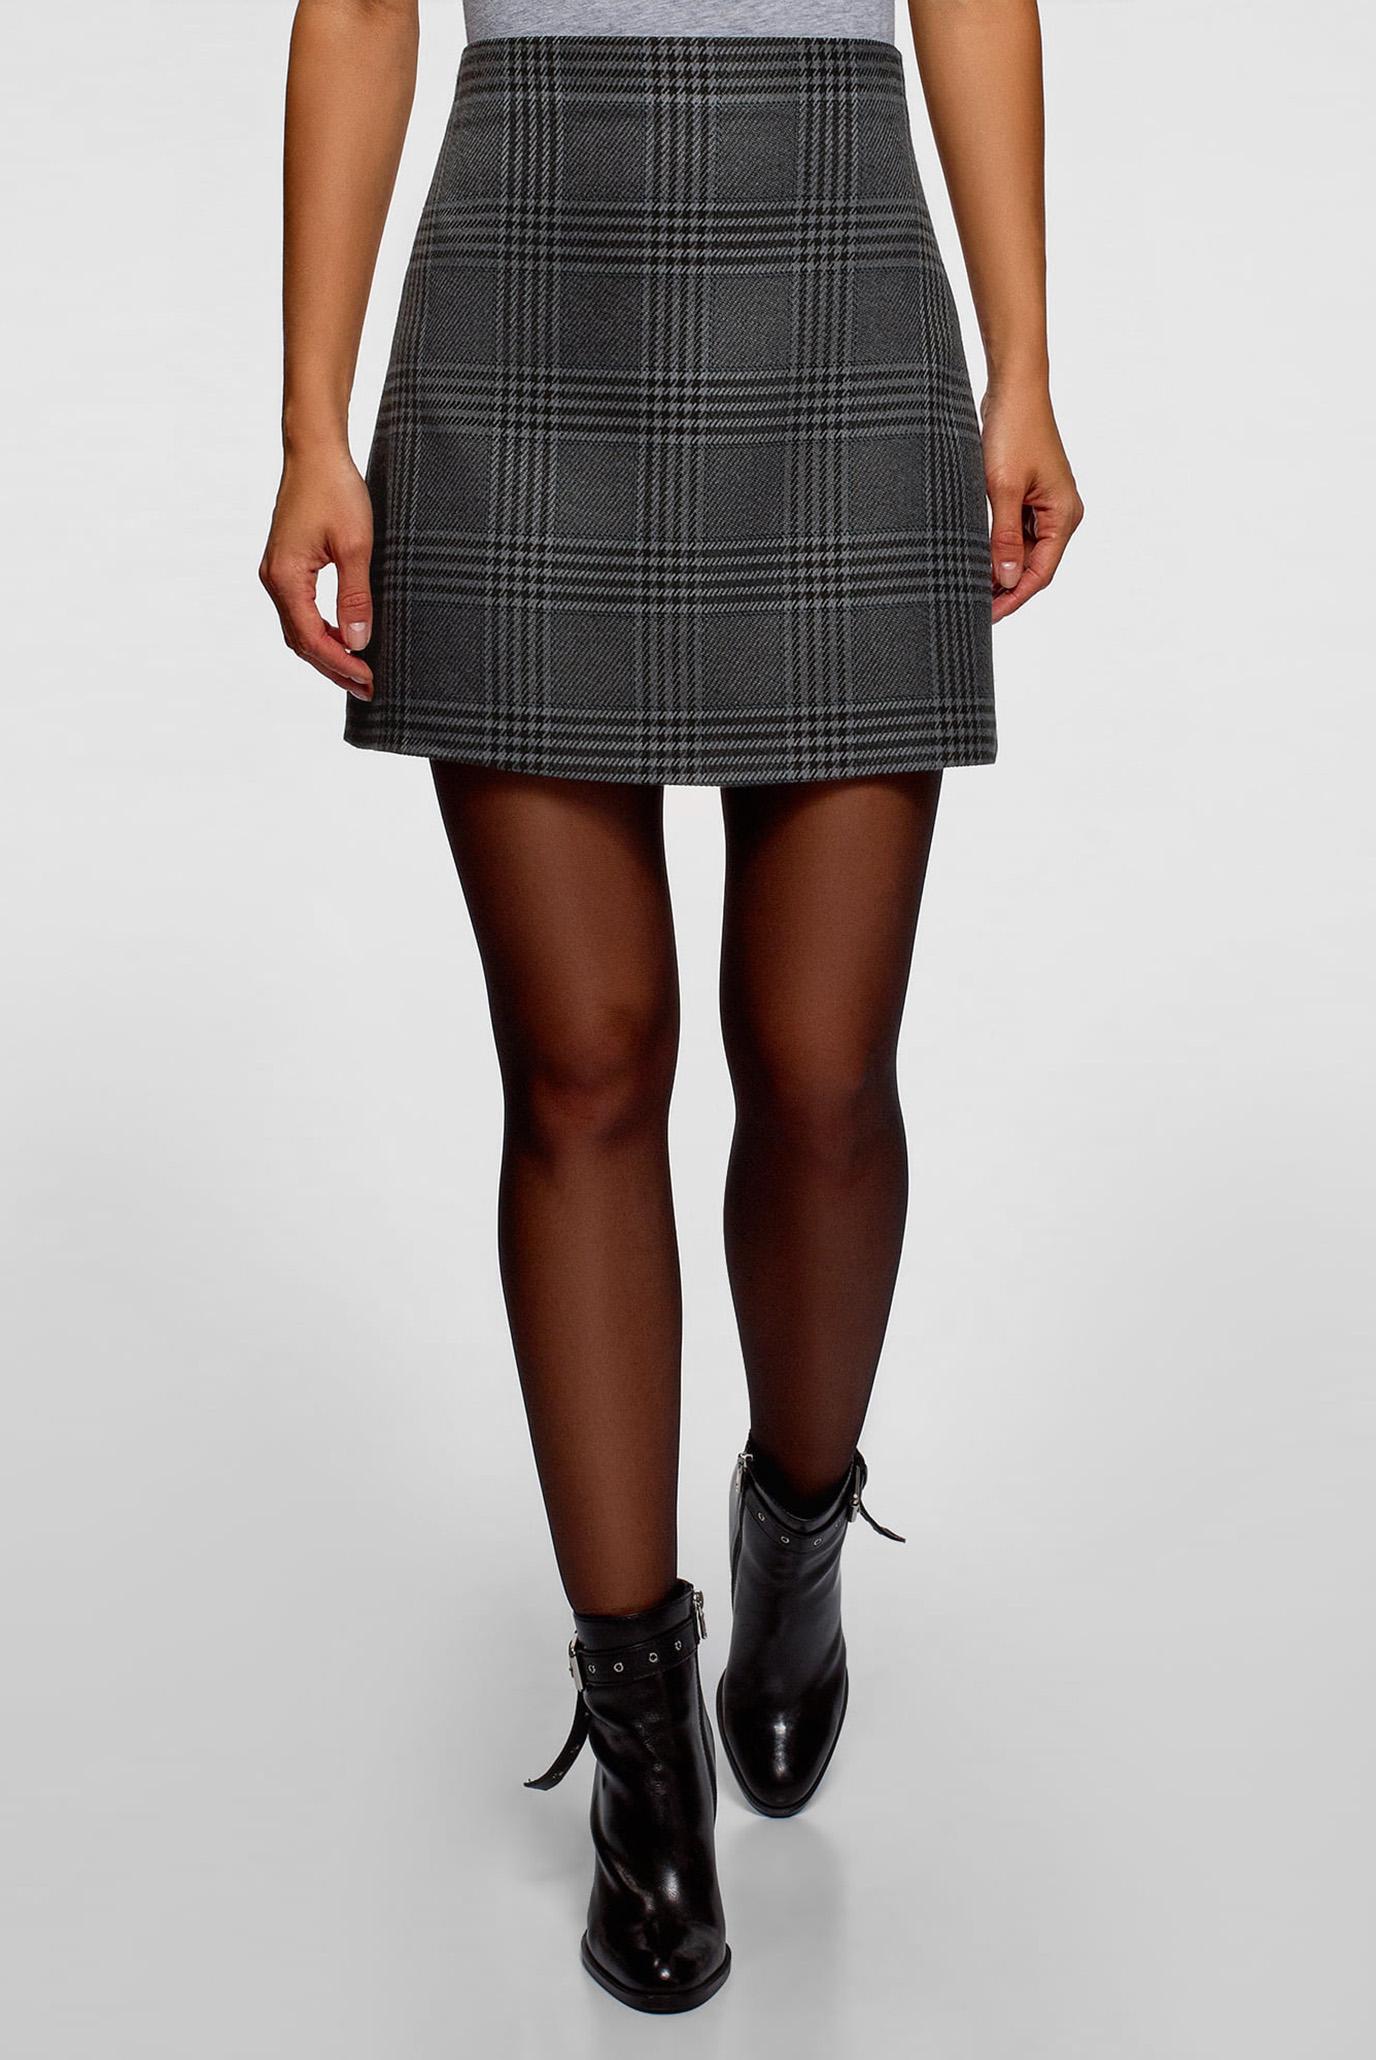 50cccbef205 Купить Женская серая юбка в клетку Oodji Oodji 11600413-10 45768 2529C –  Киев